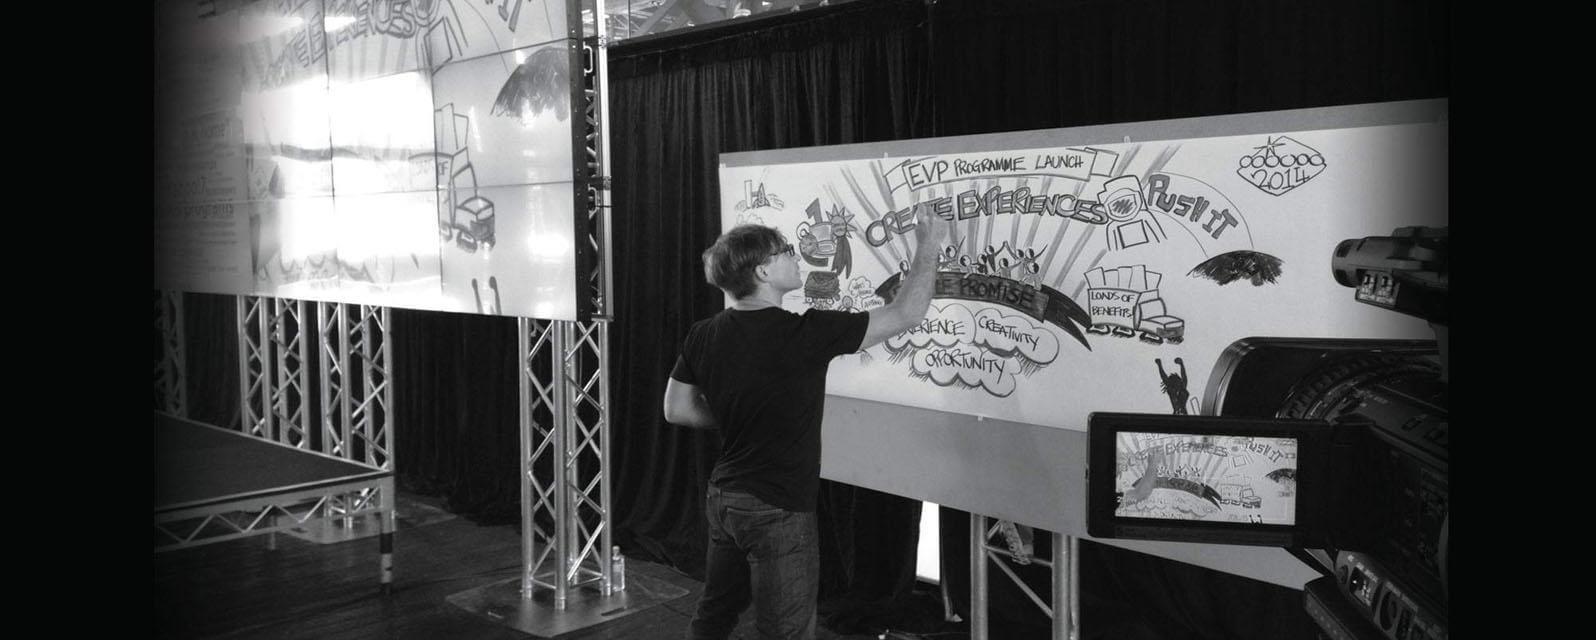 simon-banks-graphic-facilitation simonbanks